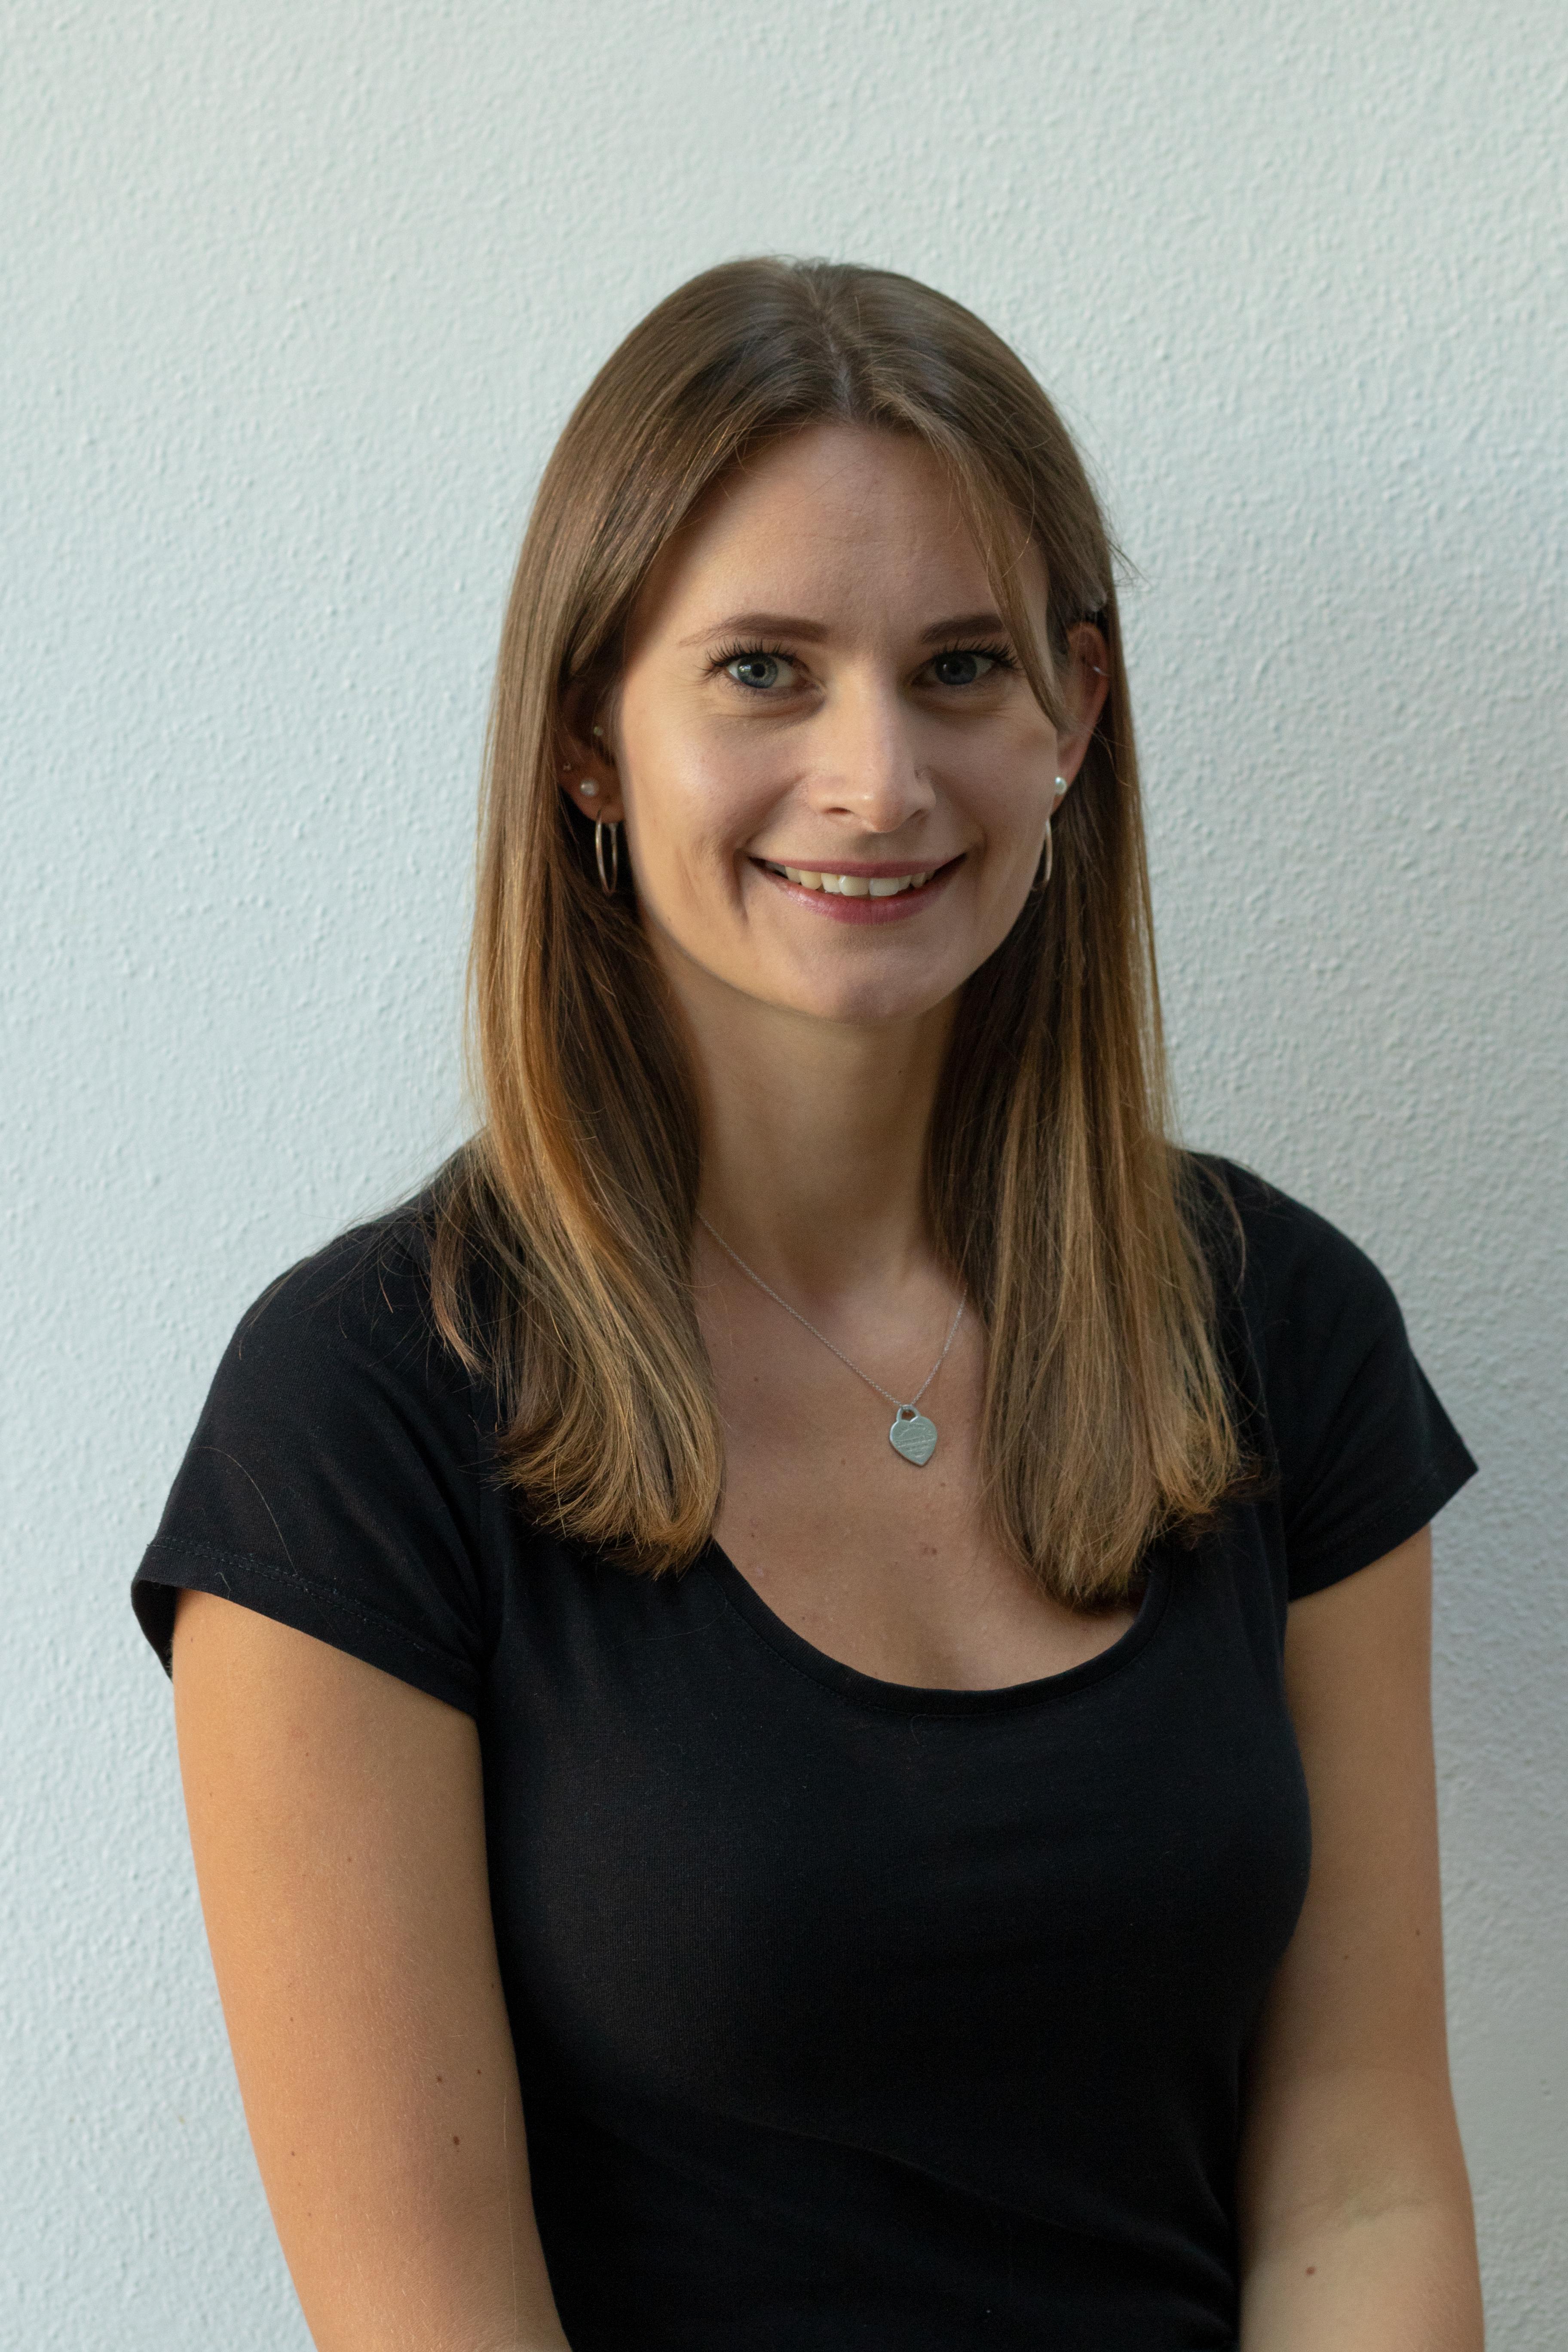 Katrin Karwowski